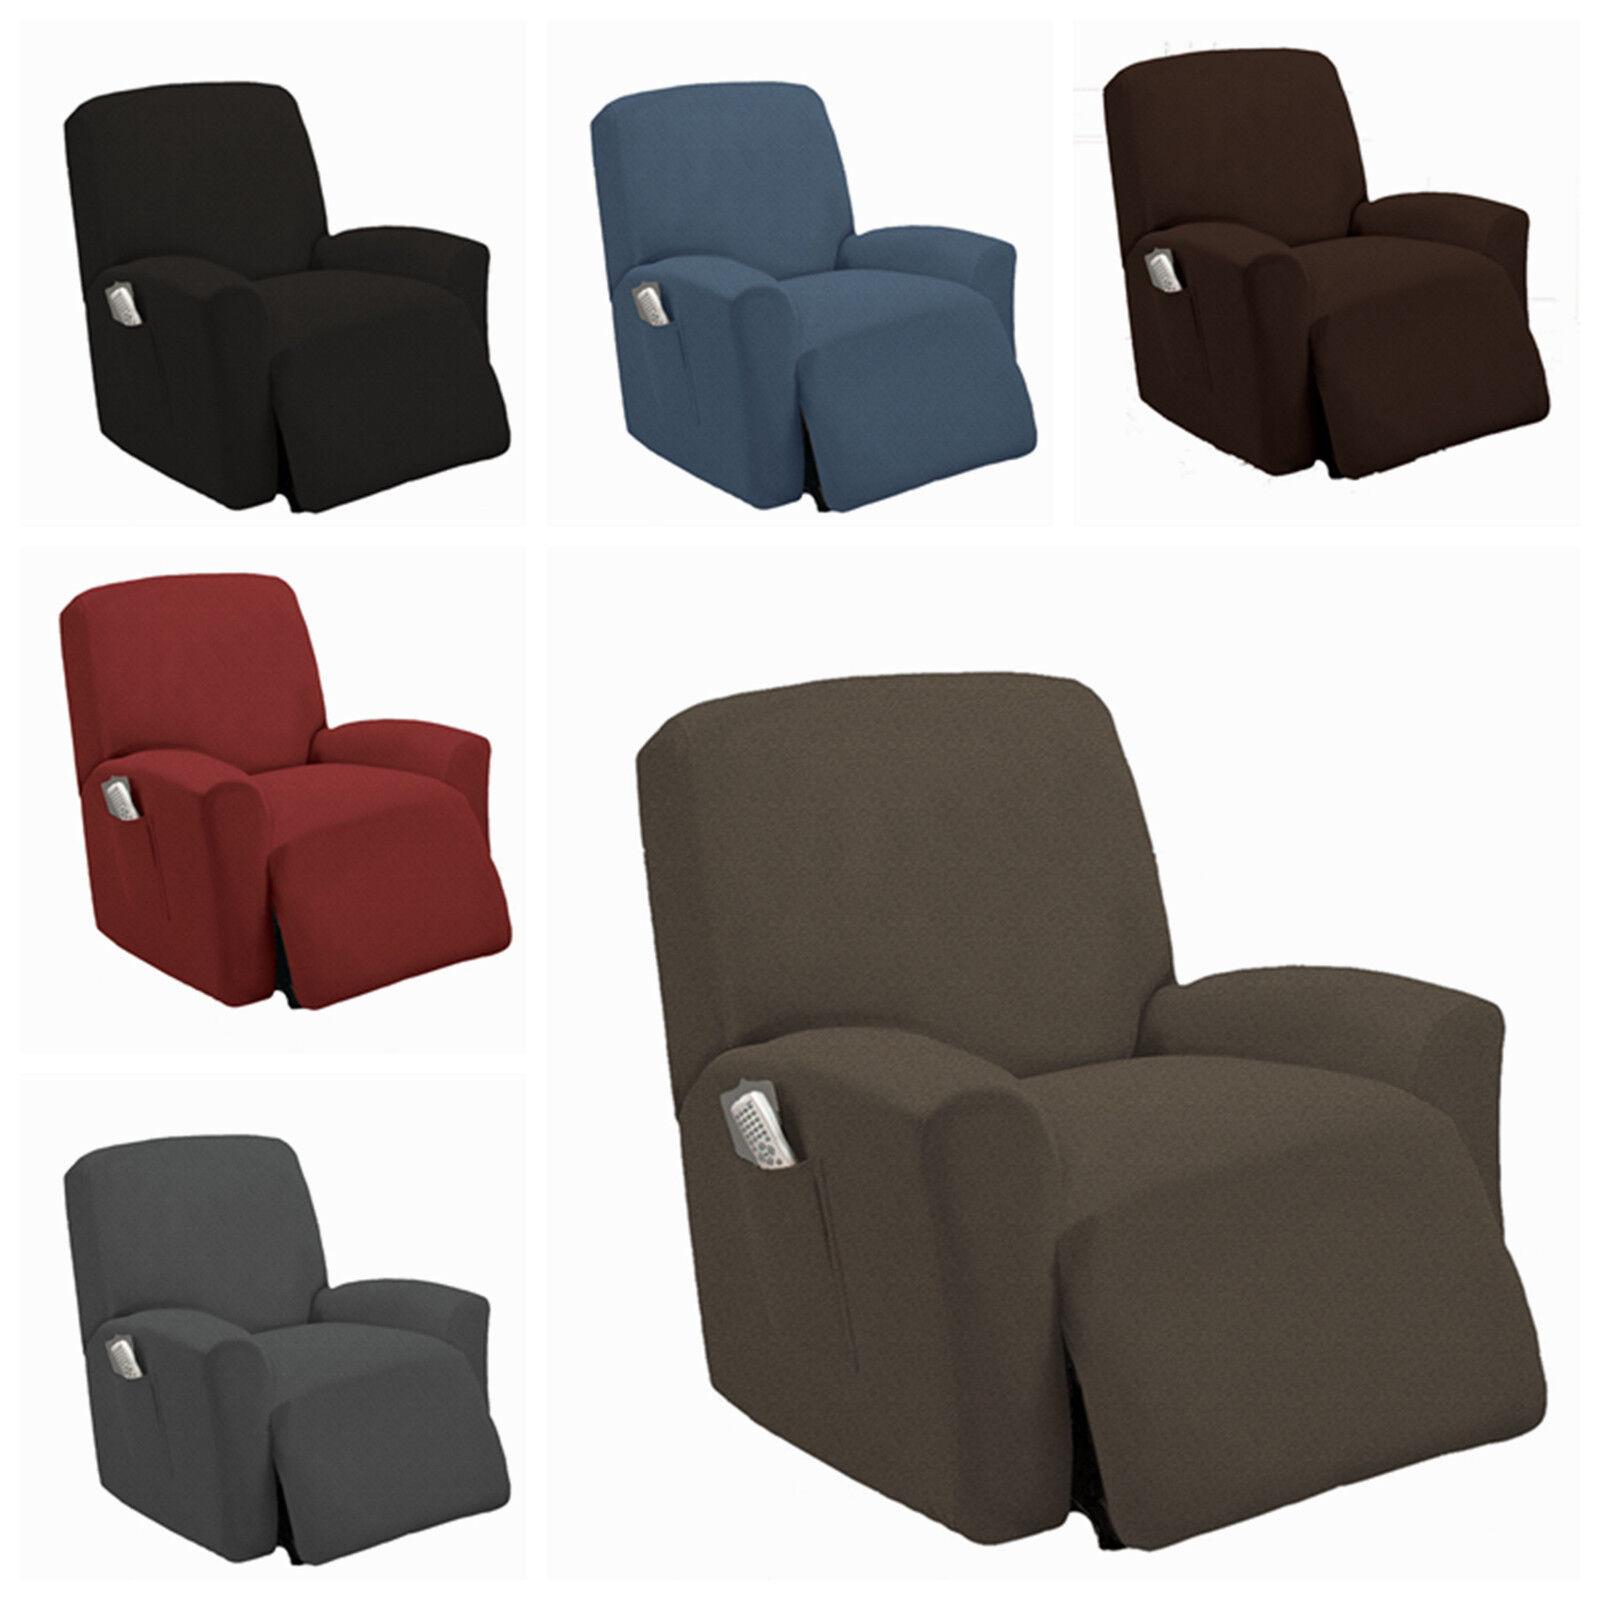 Stretch Recliner Slipcover, Couch Cover, Sofa Cover, Furnitu